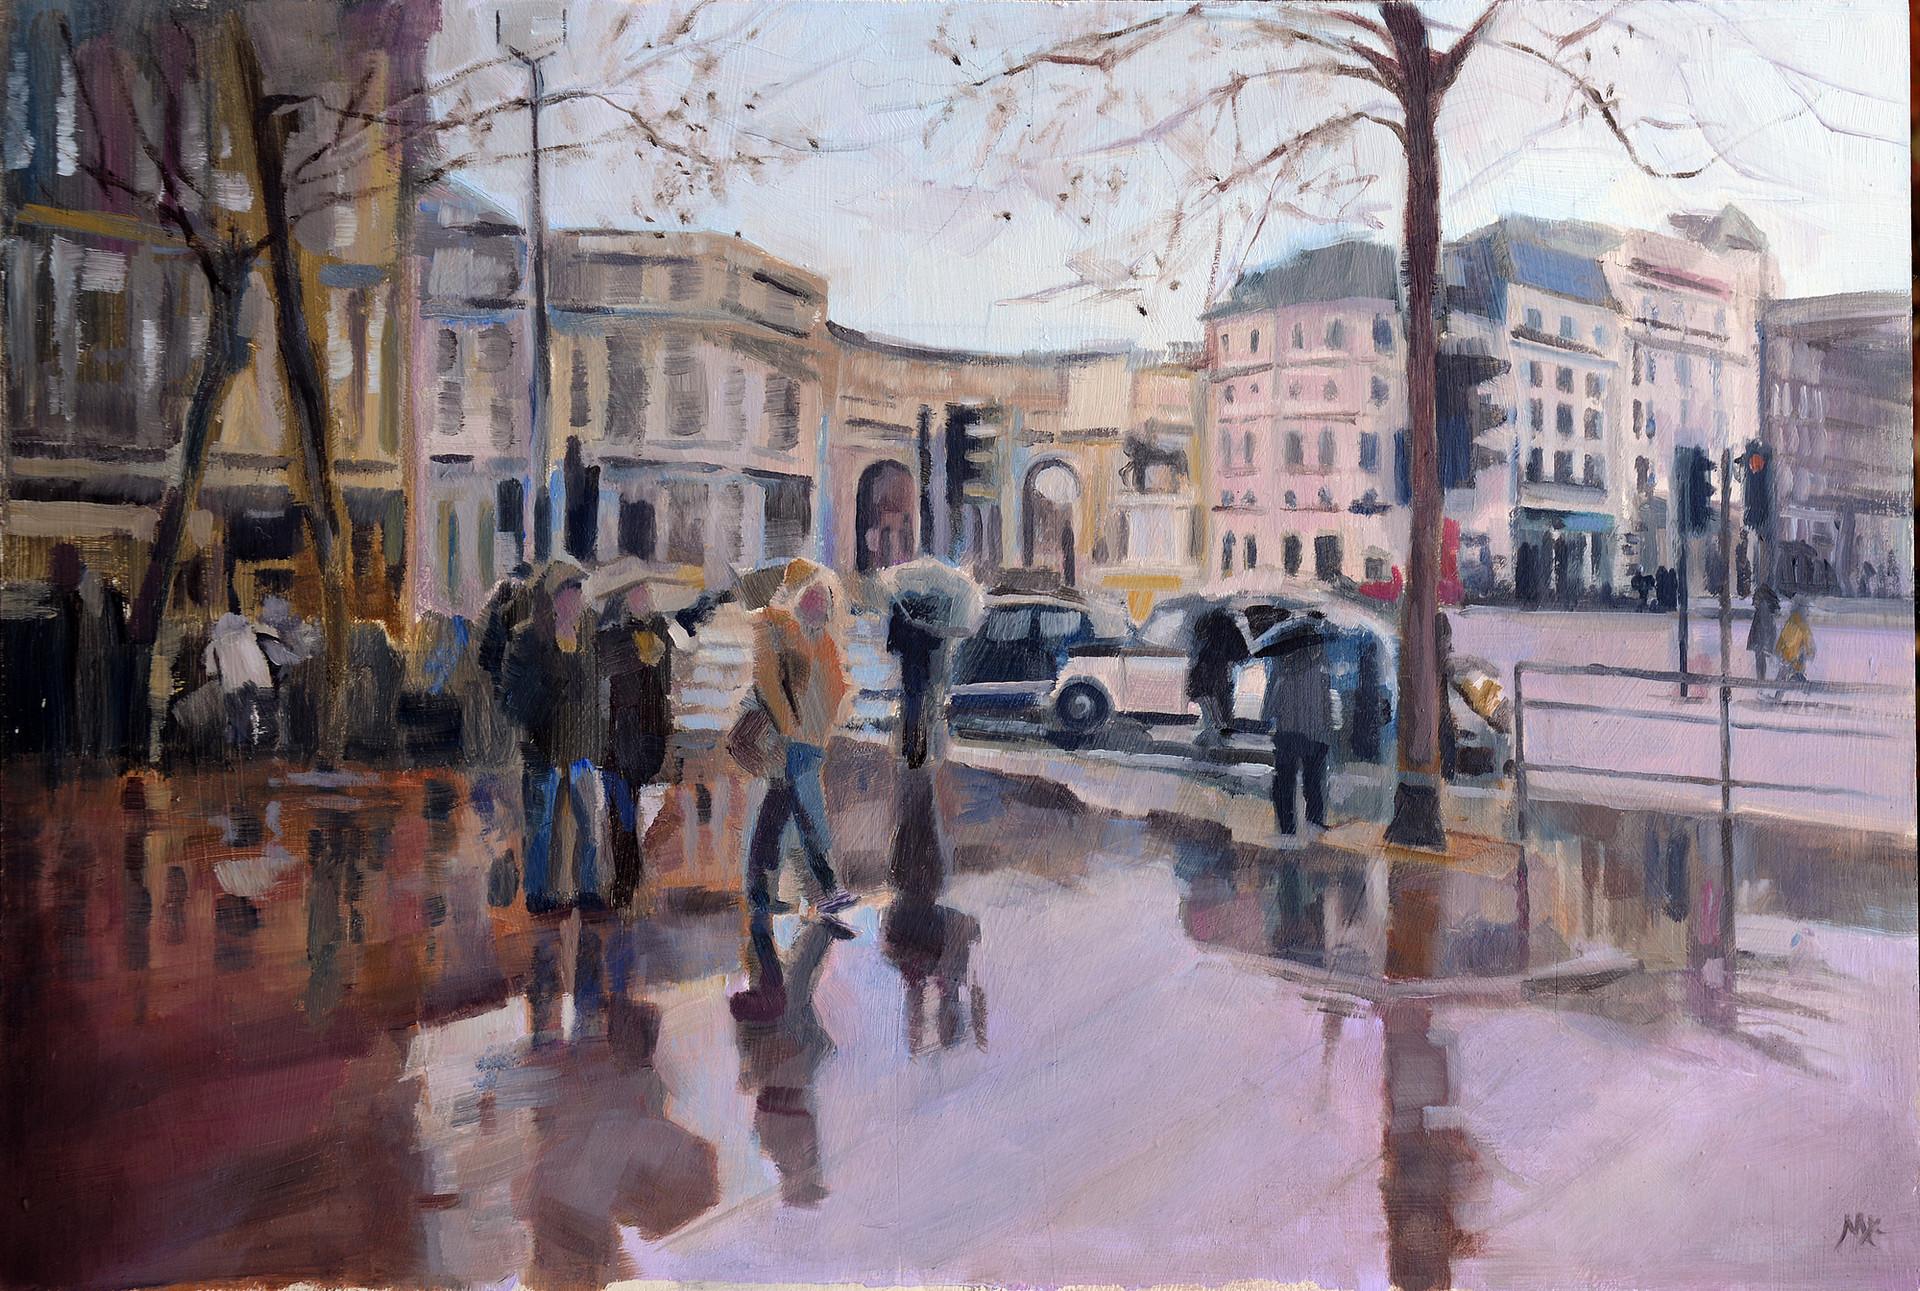 Trafalgar Square in rain